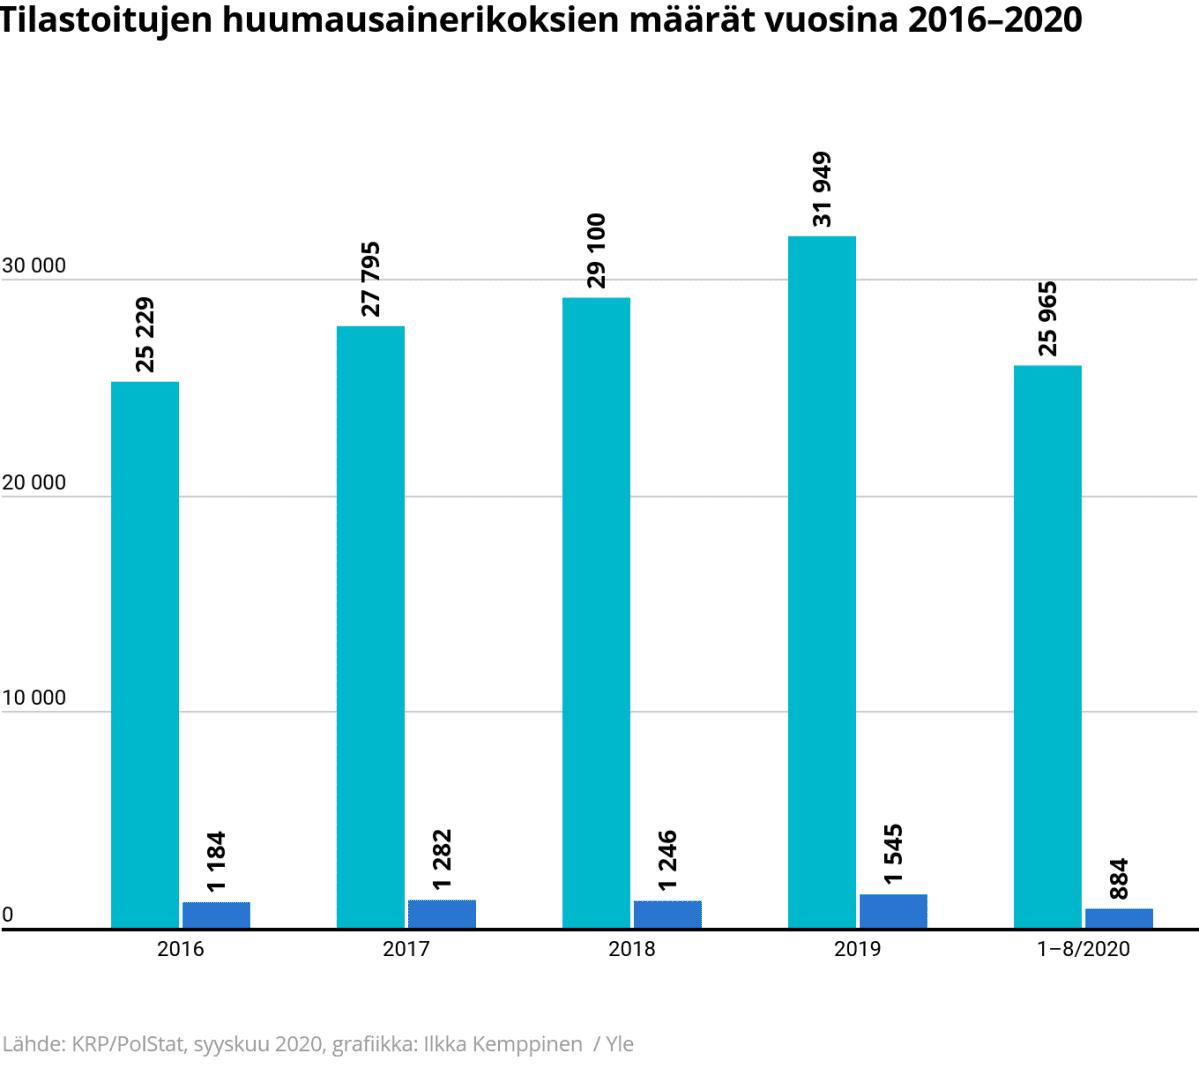 Tilastografiikka tilastoitujen huumausainerikoksien määrästä vuosina 2016–2020.